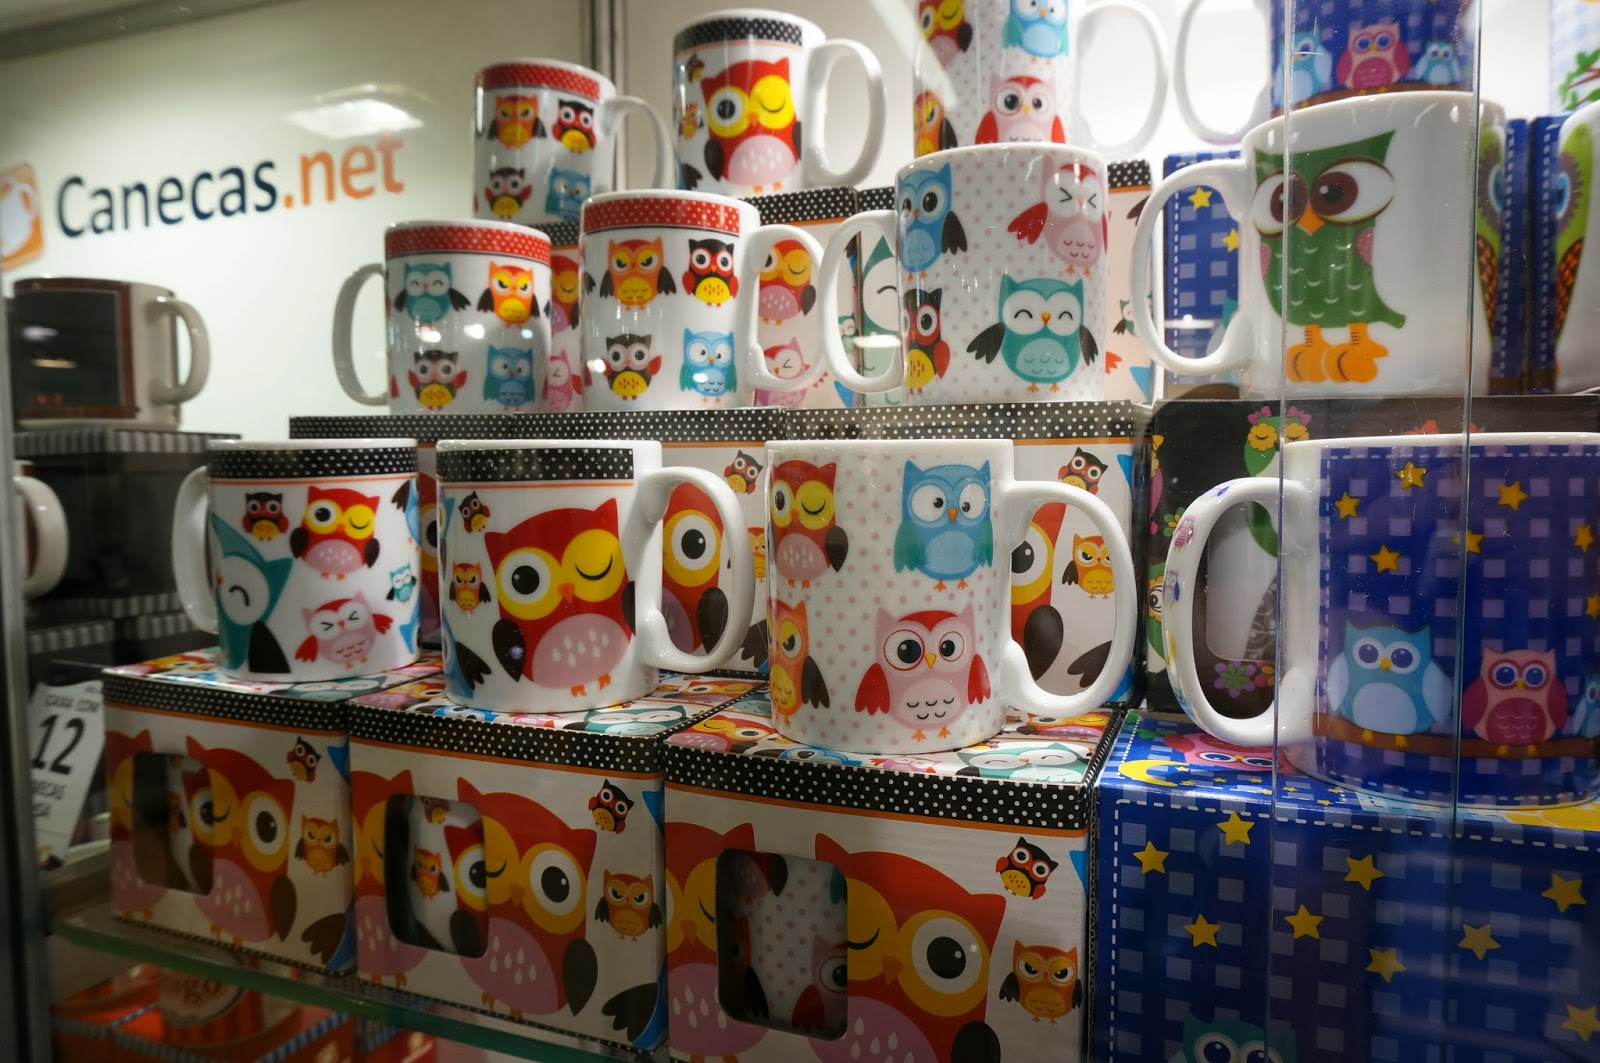 Adesivo De Cabeceira Infantil ~ Blog da Mugs Mugs com br Canecas net na Gift Fair 2014